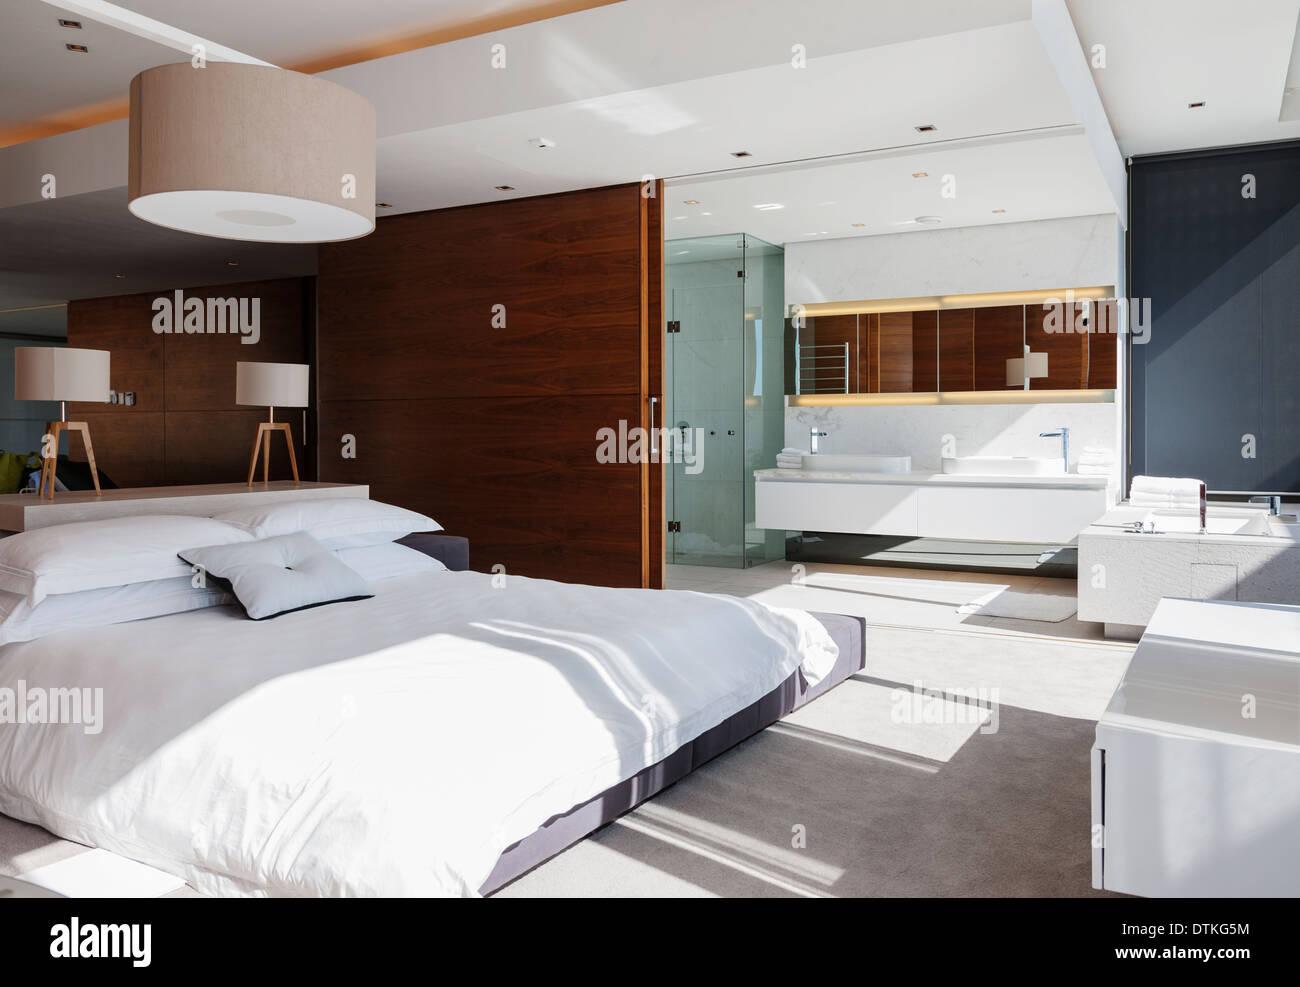 Turbo Schlafzimmer und Bad en suite im modernen Haus Stockfoto, Bild LE22